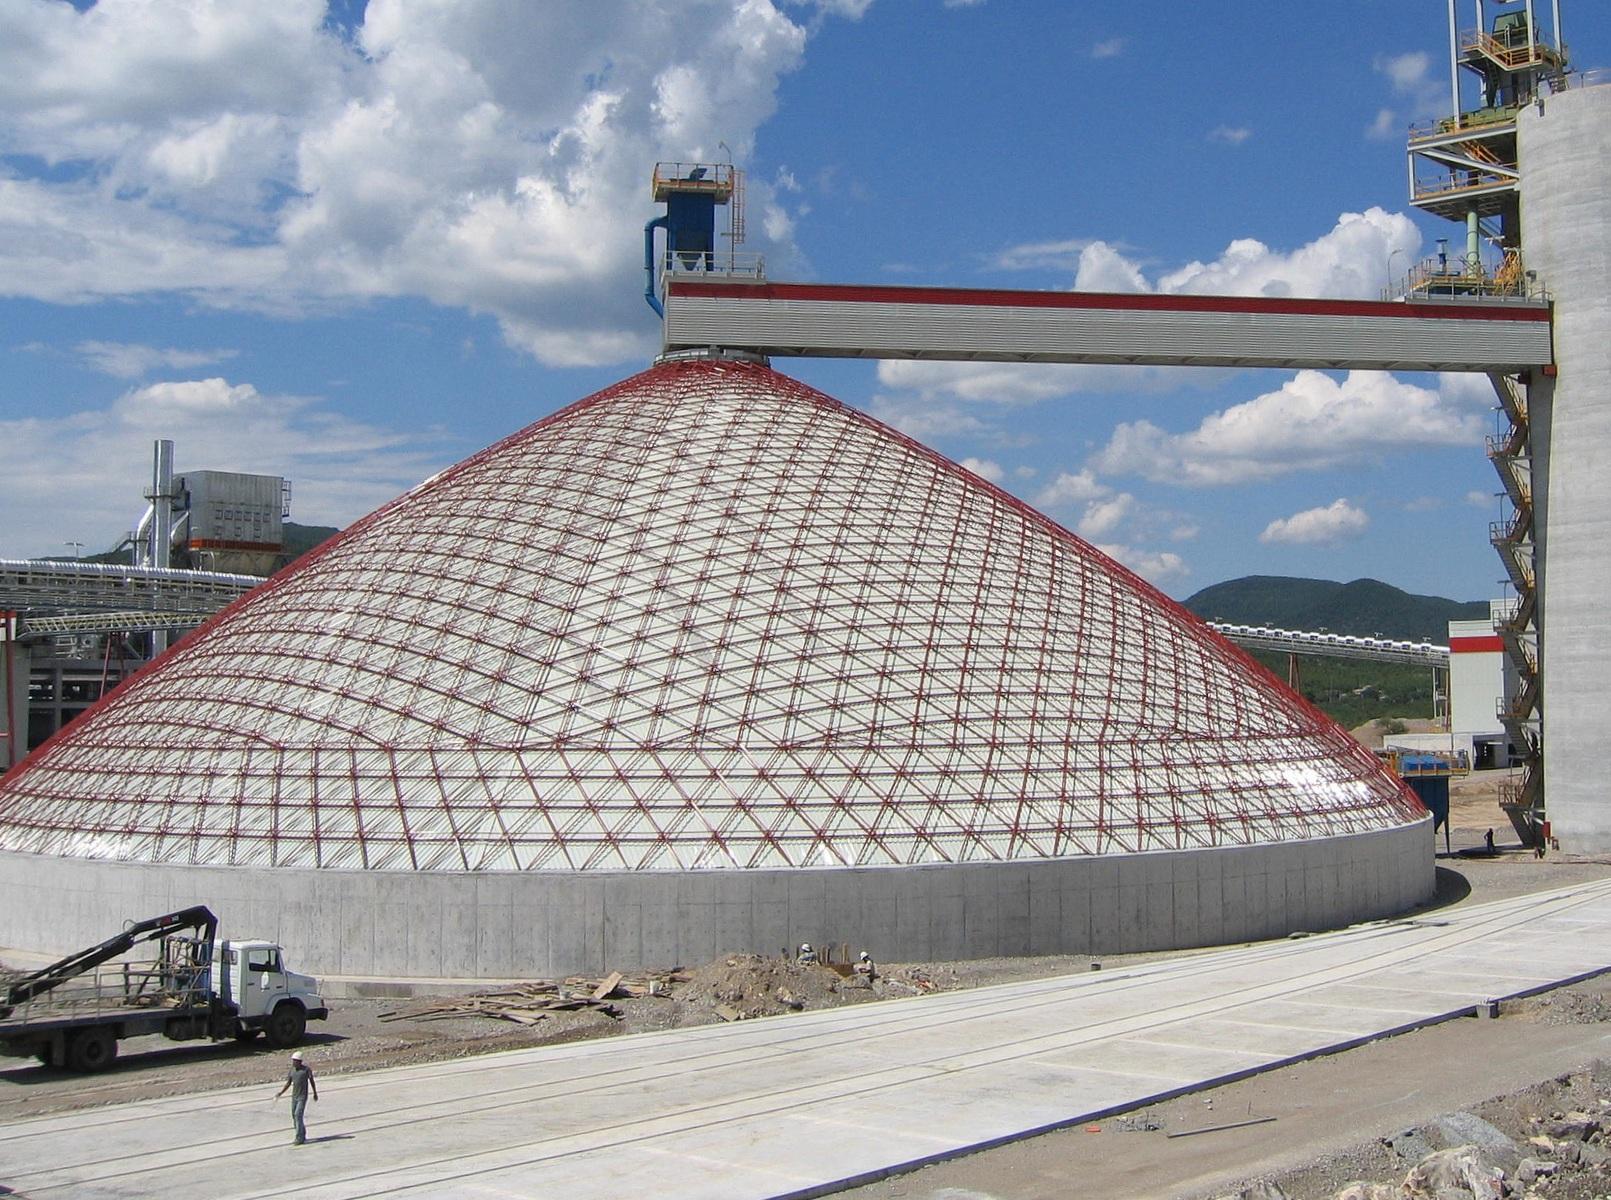 Pila cónica cubierta por estructura de 70m, con revestimiento interior, en Cerritos, México.